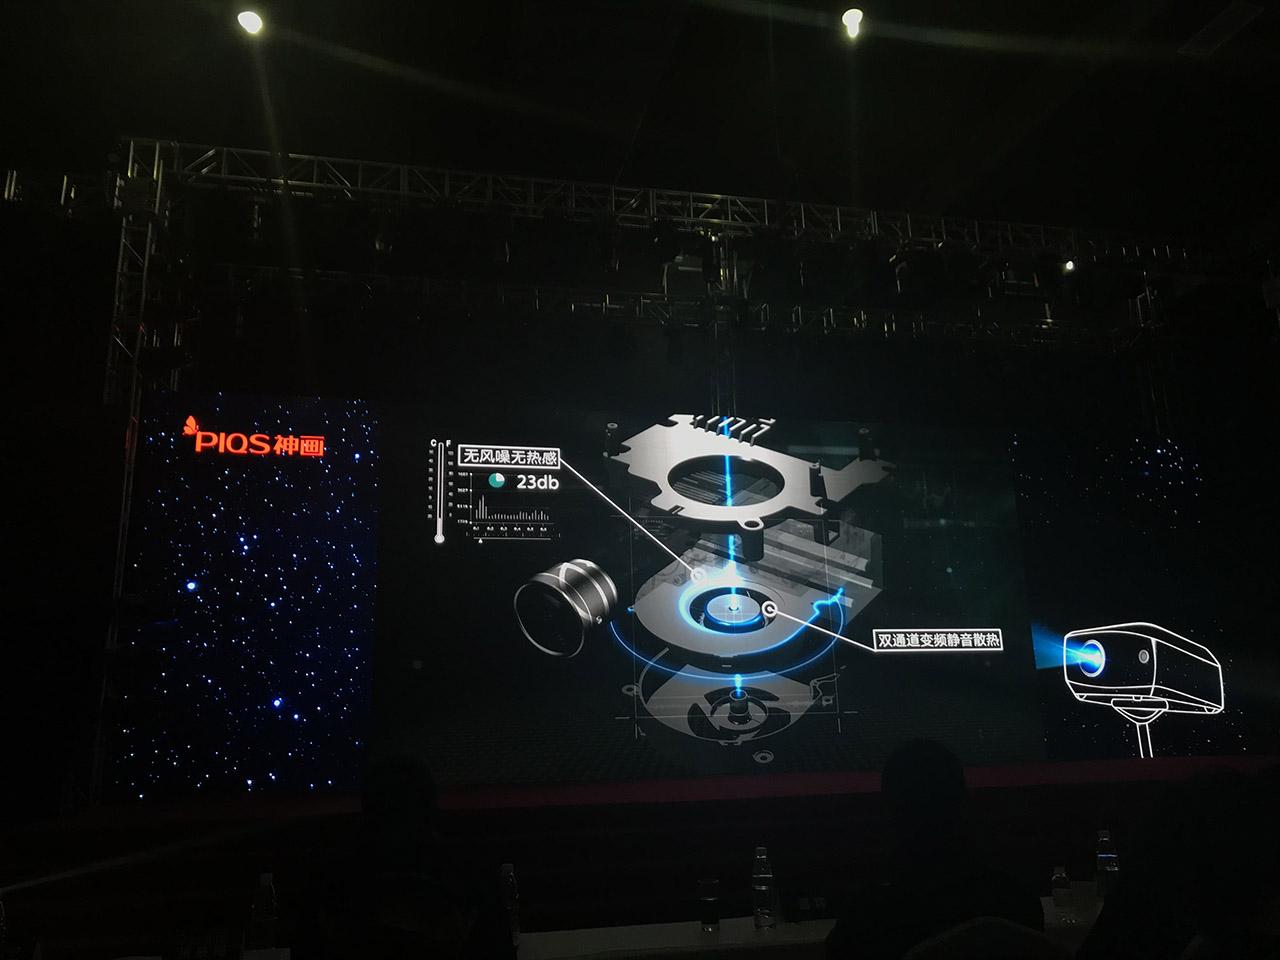 神画智能影院 F1功能篇,为你讲述神画 F1的新功能!